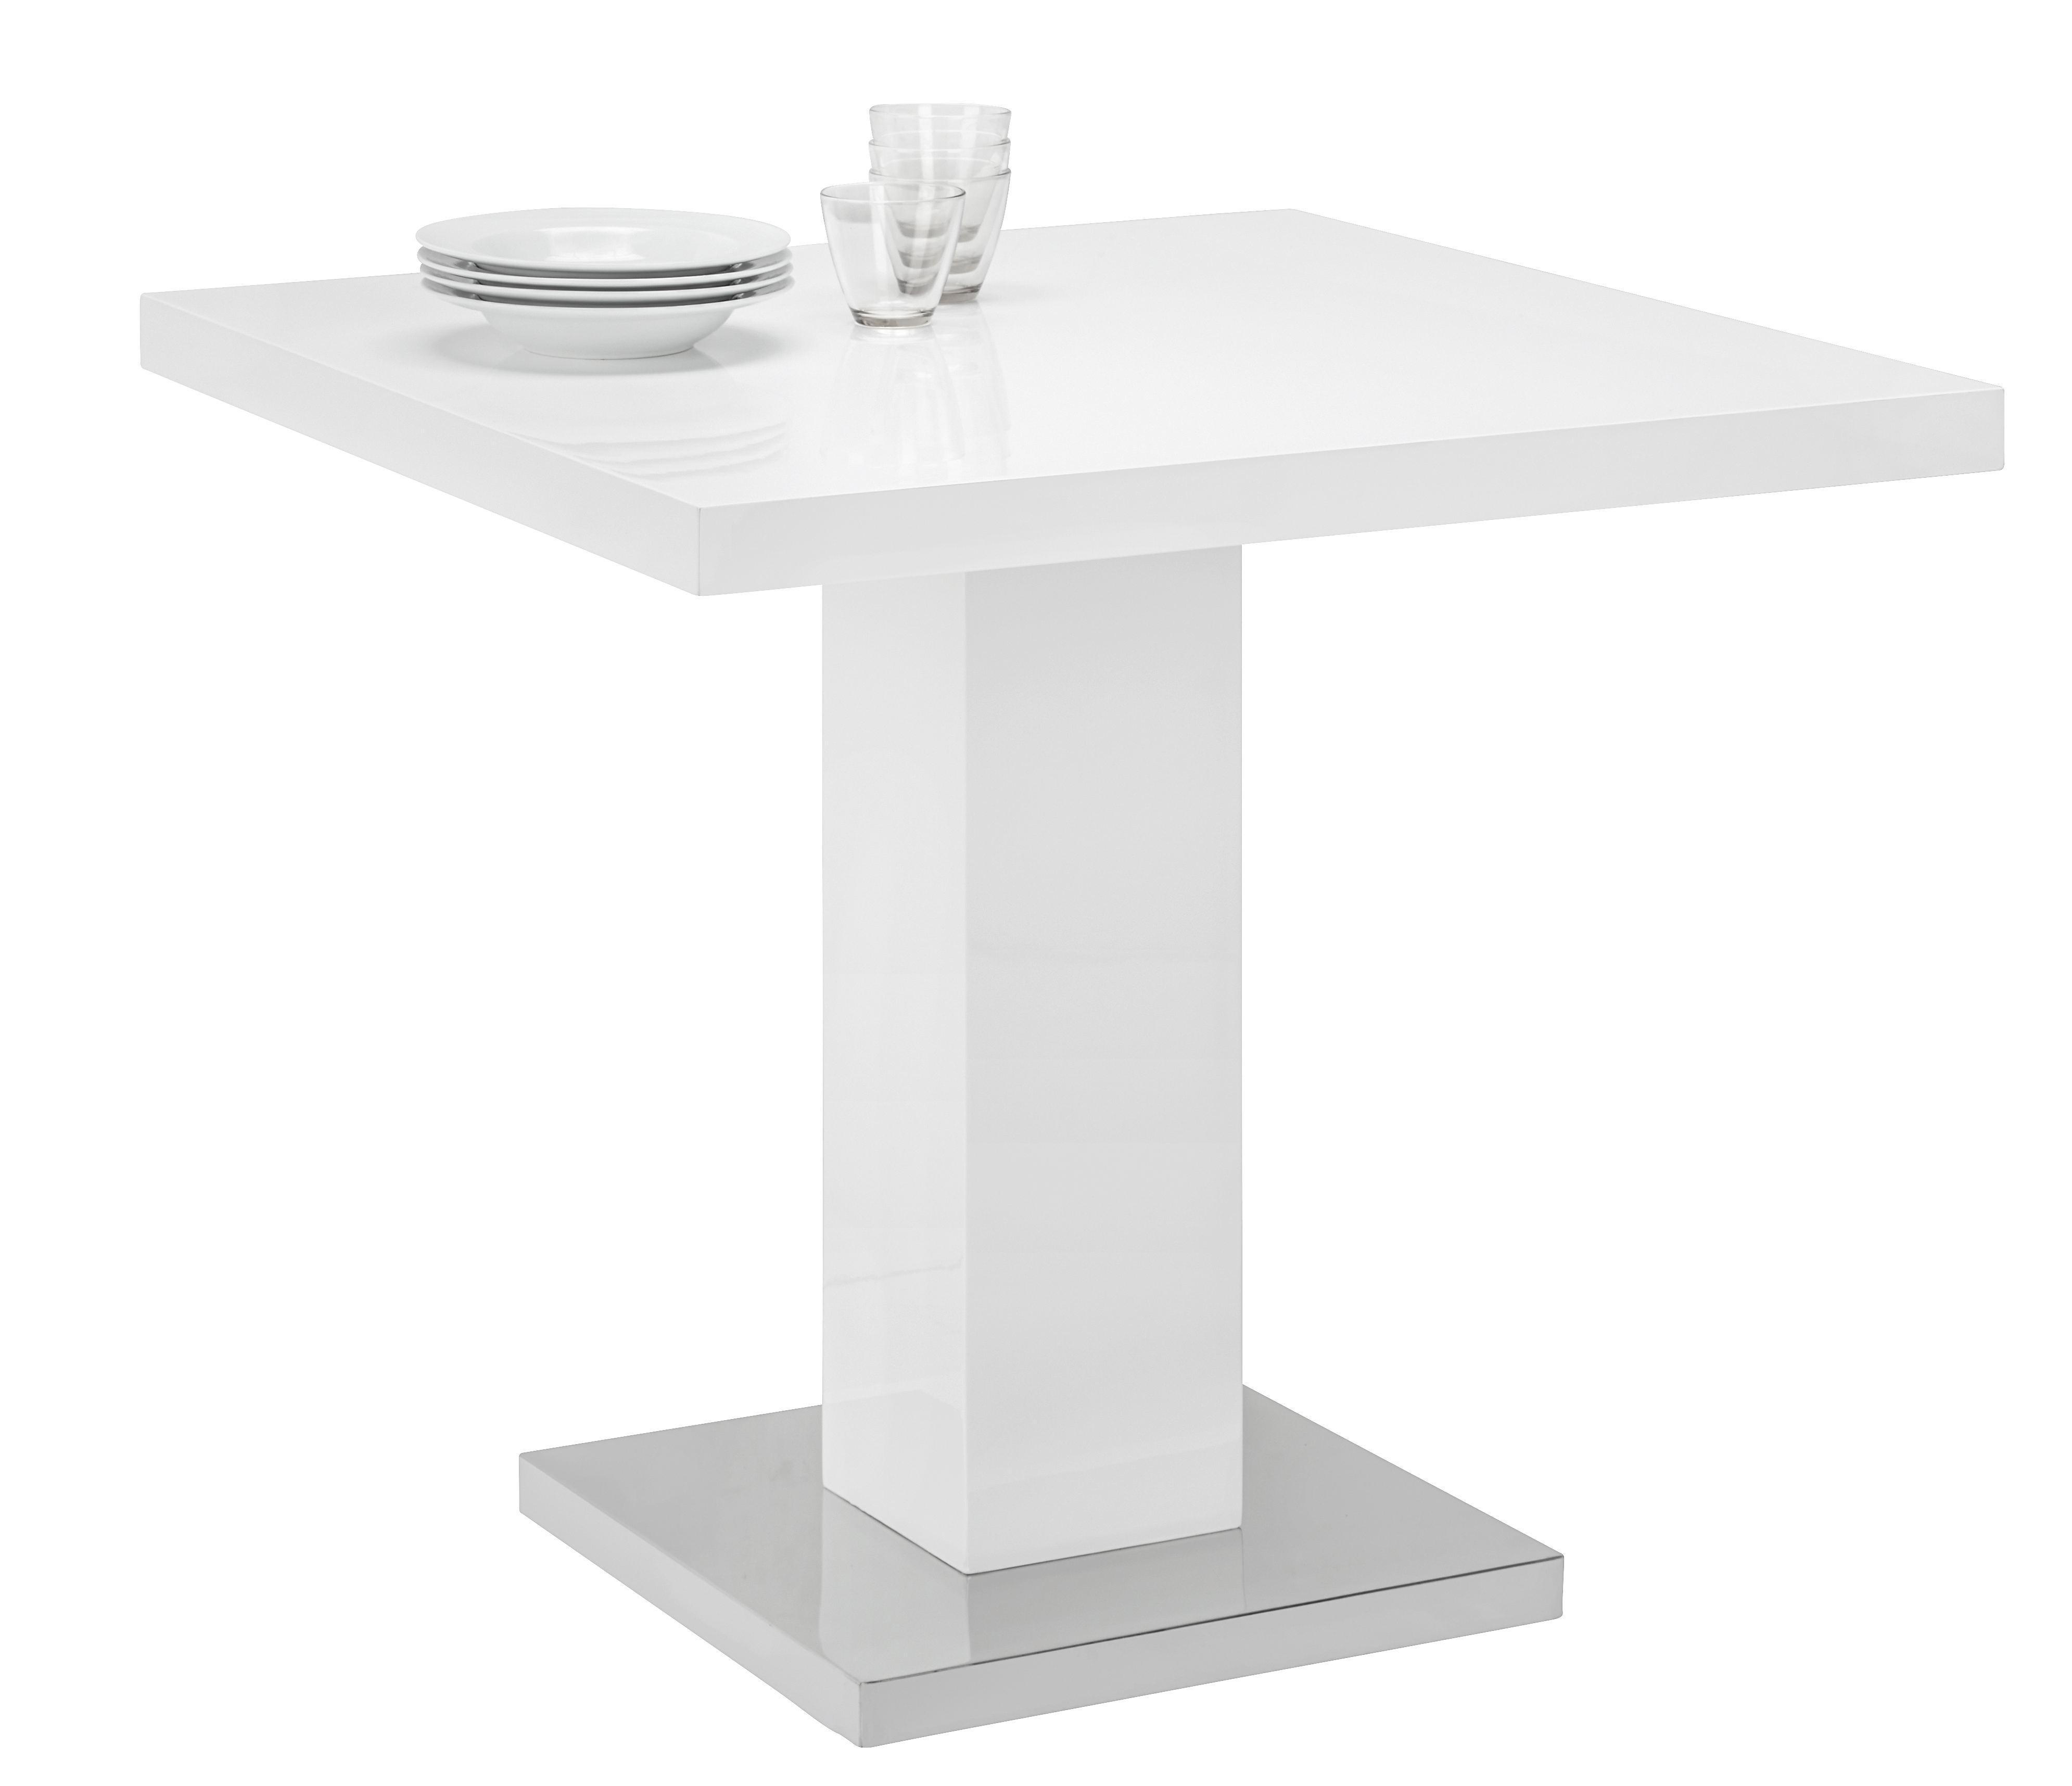 Esstisch in Weiß/Chrom - Chromfarben/Weiß, MODERN, Holzwerkstoff/Metall (80/75/80cm) - PREMIUM LIVING